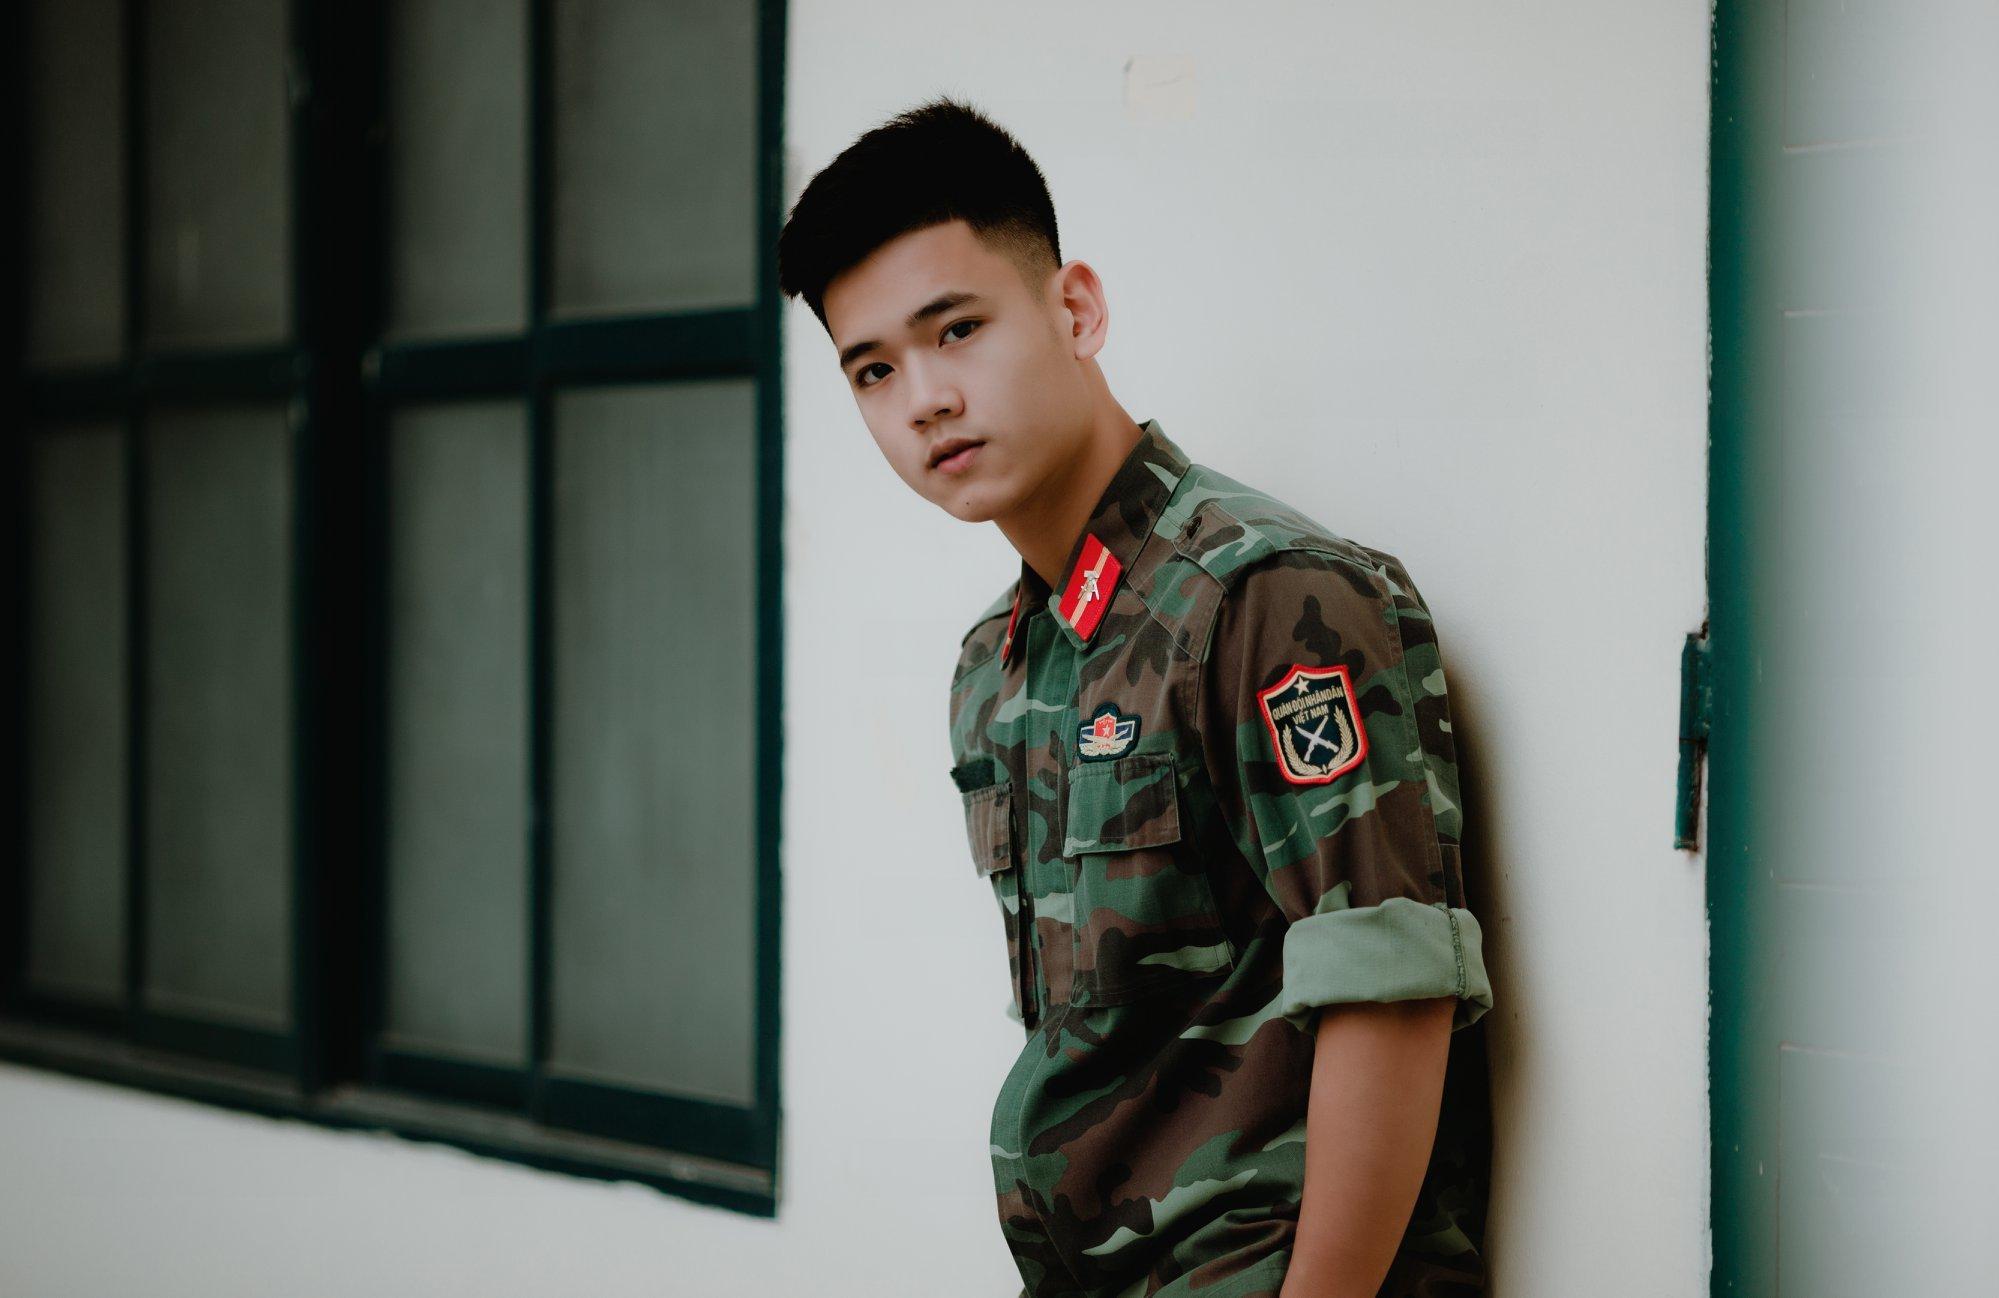 Chàng trai 'cực phẩm' trường Quân đội có ai ngờ từng giảm 24Kg